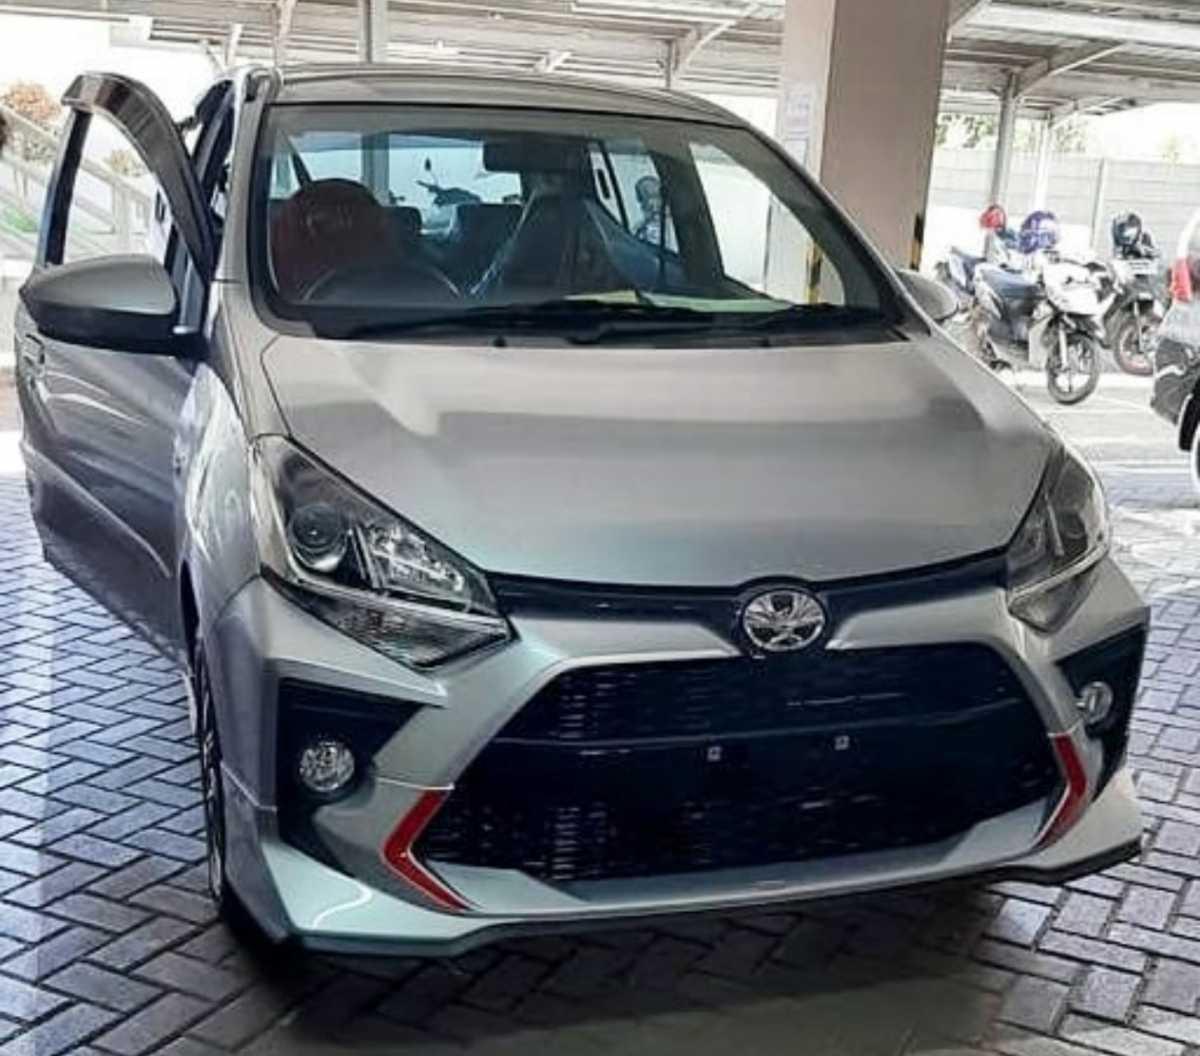 Toyota Agya Juga Facelift, Apa Aja yang Berubah?